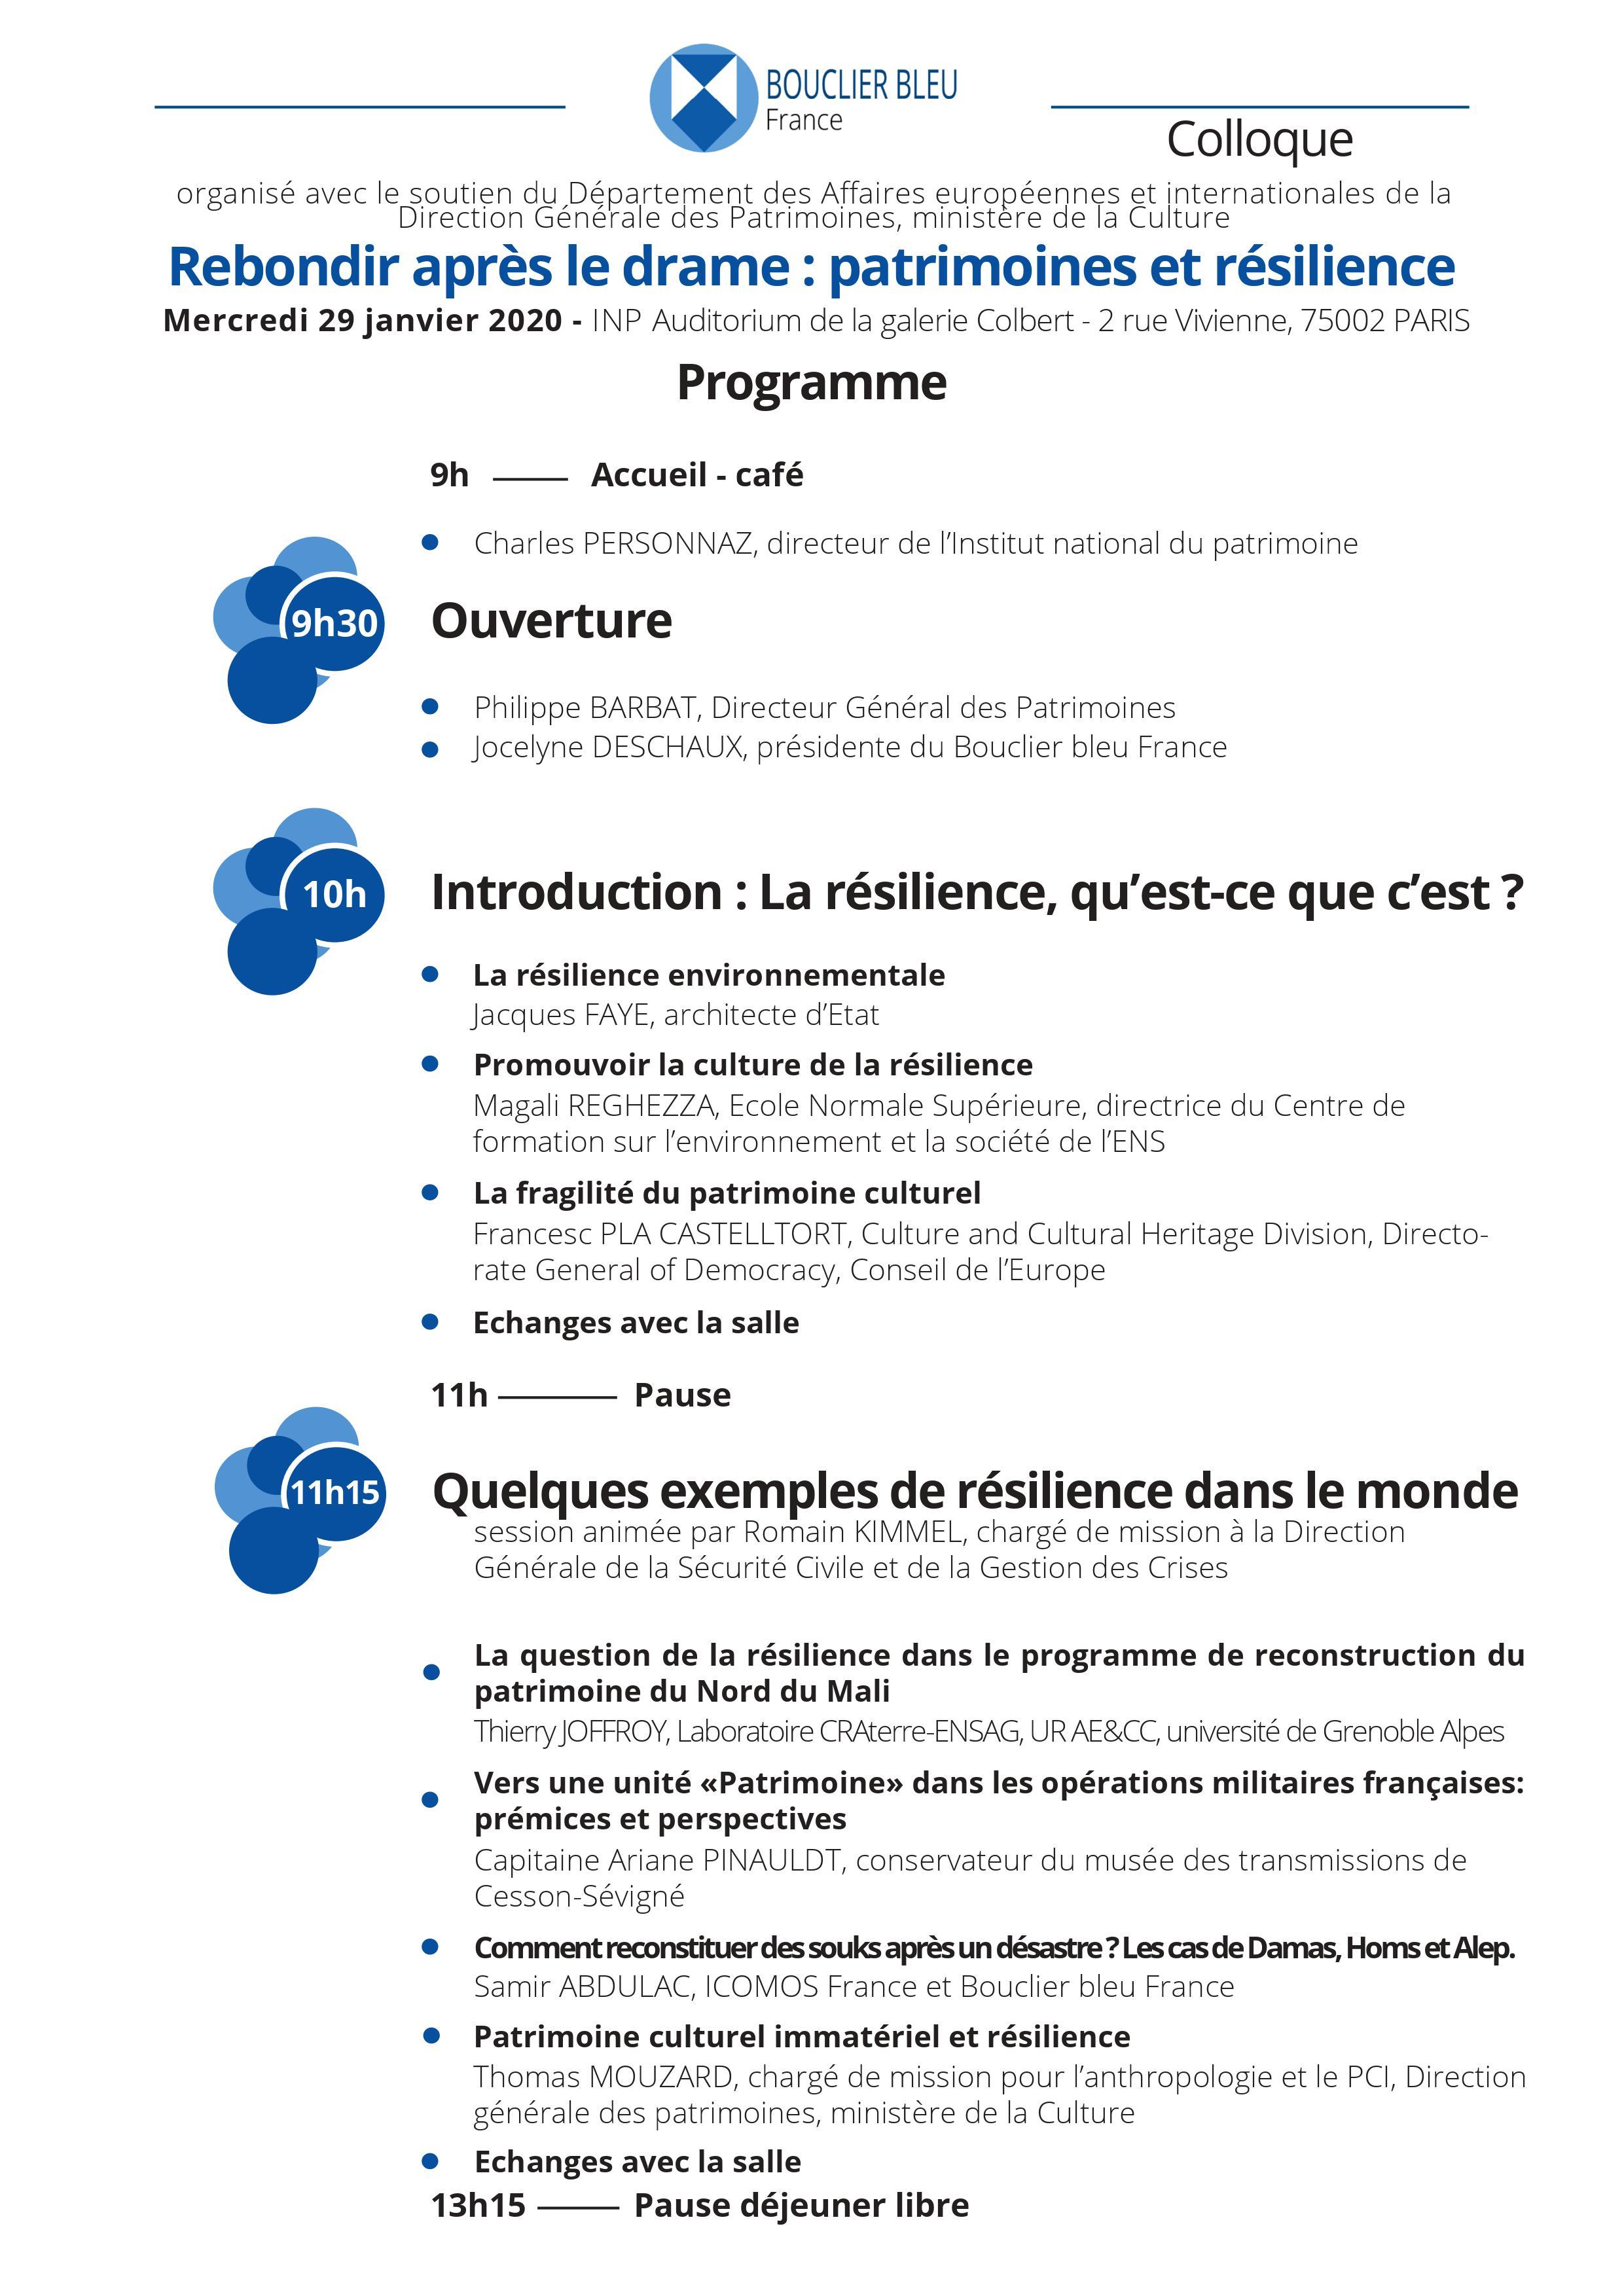 http://www.bouclier-bleu.fr/wp-content/uploads/2020/01/BbF-colloque-2019-Pogramme-court-1.jpg